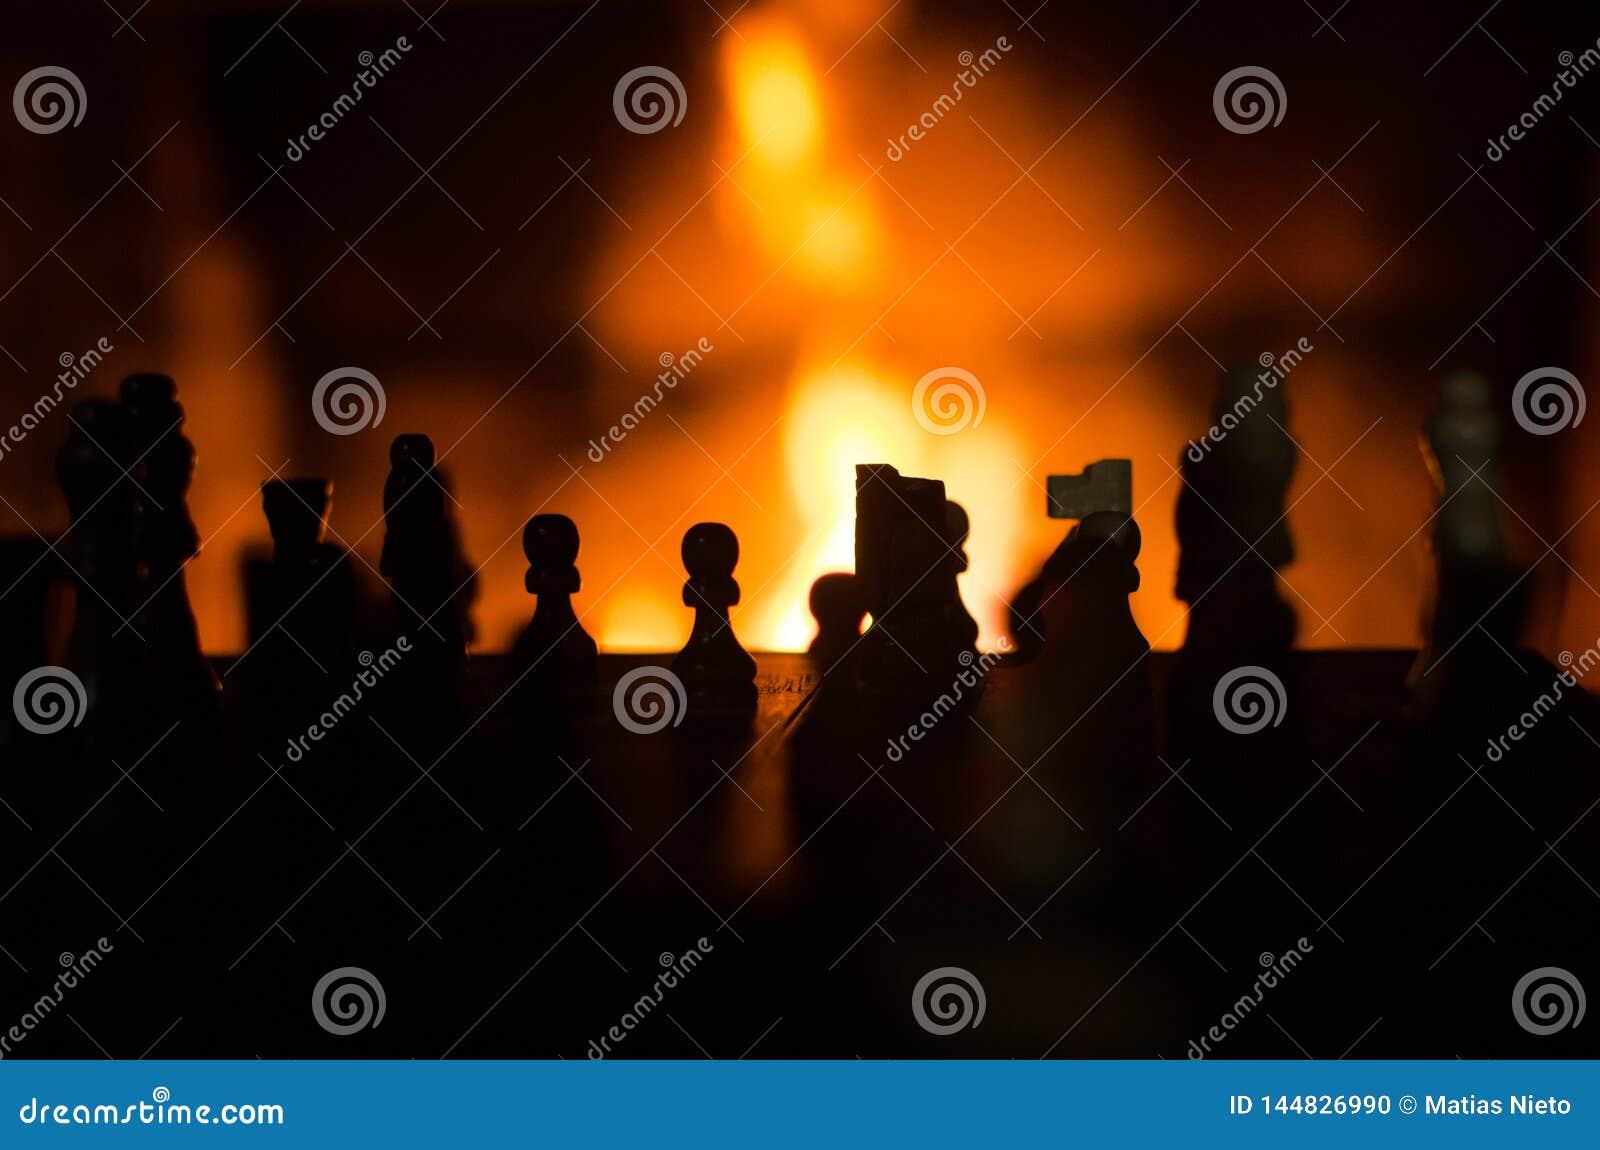 As partes de xadrez mostram em silhueta retroiluminado pela chaminé